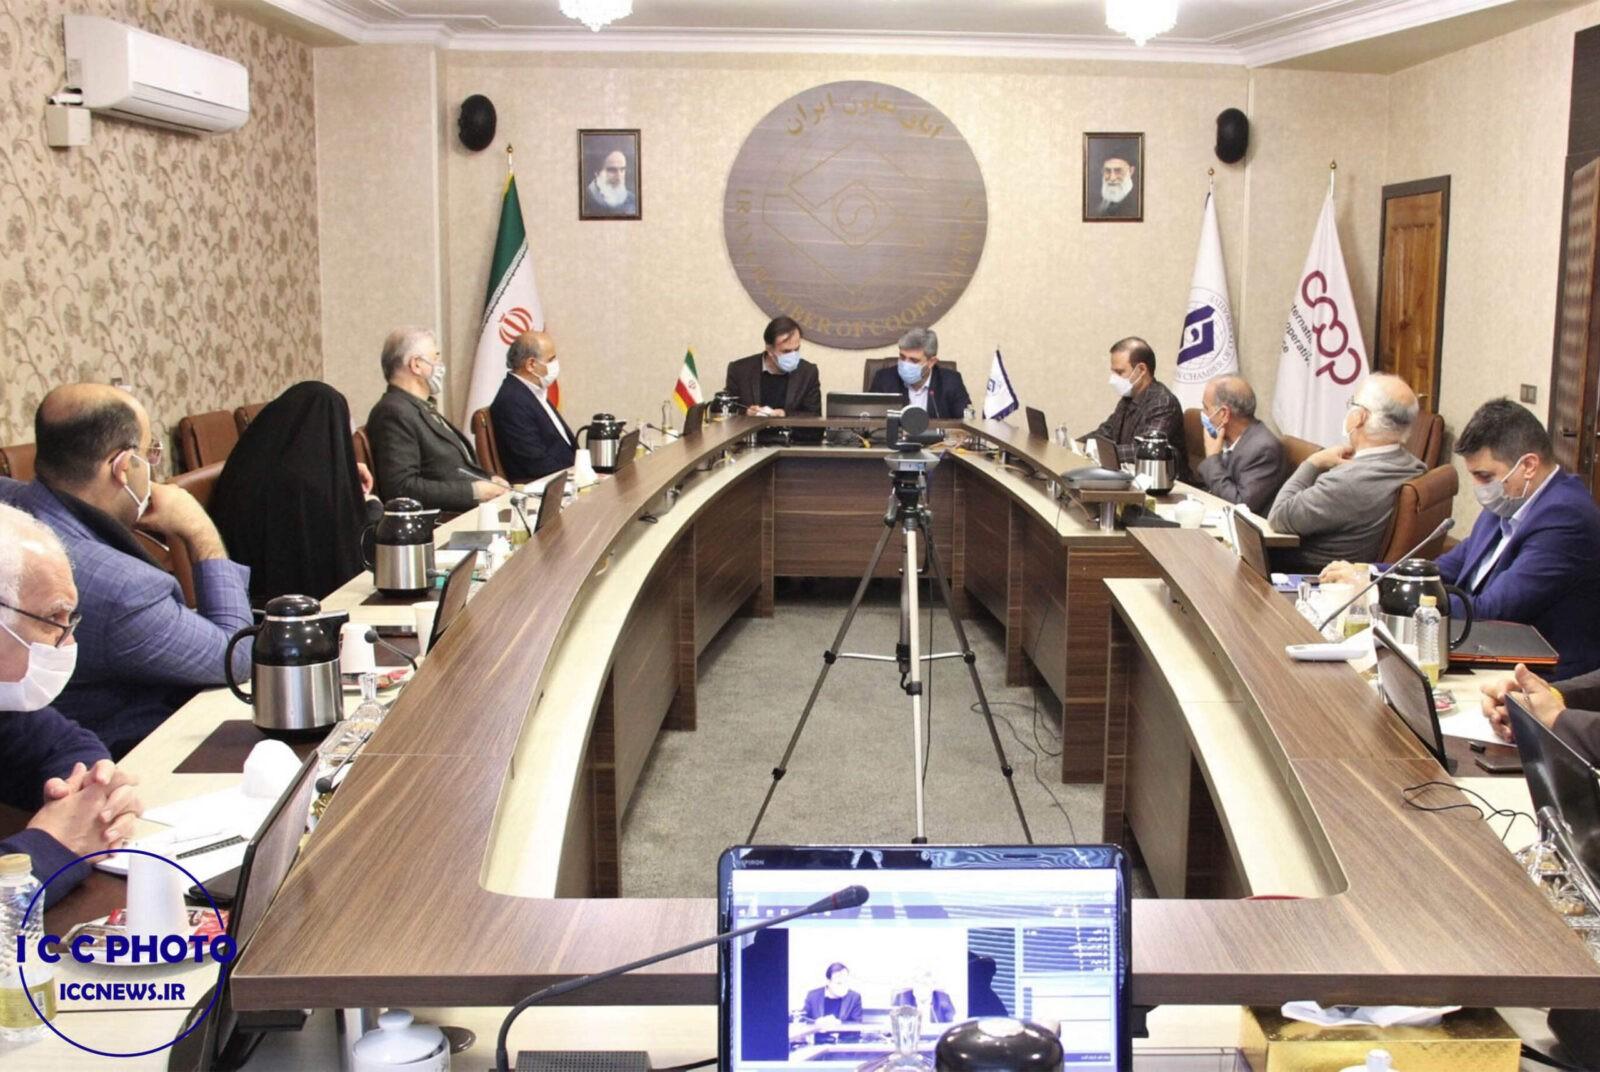 تشکیل کانون مؤسسه داوری استان همدان با عضویت اتاق تعاون استان